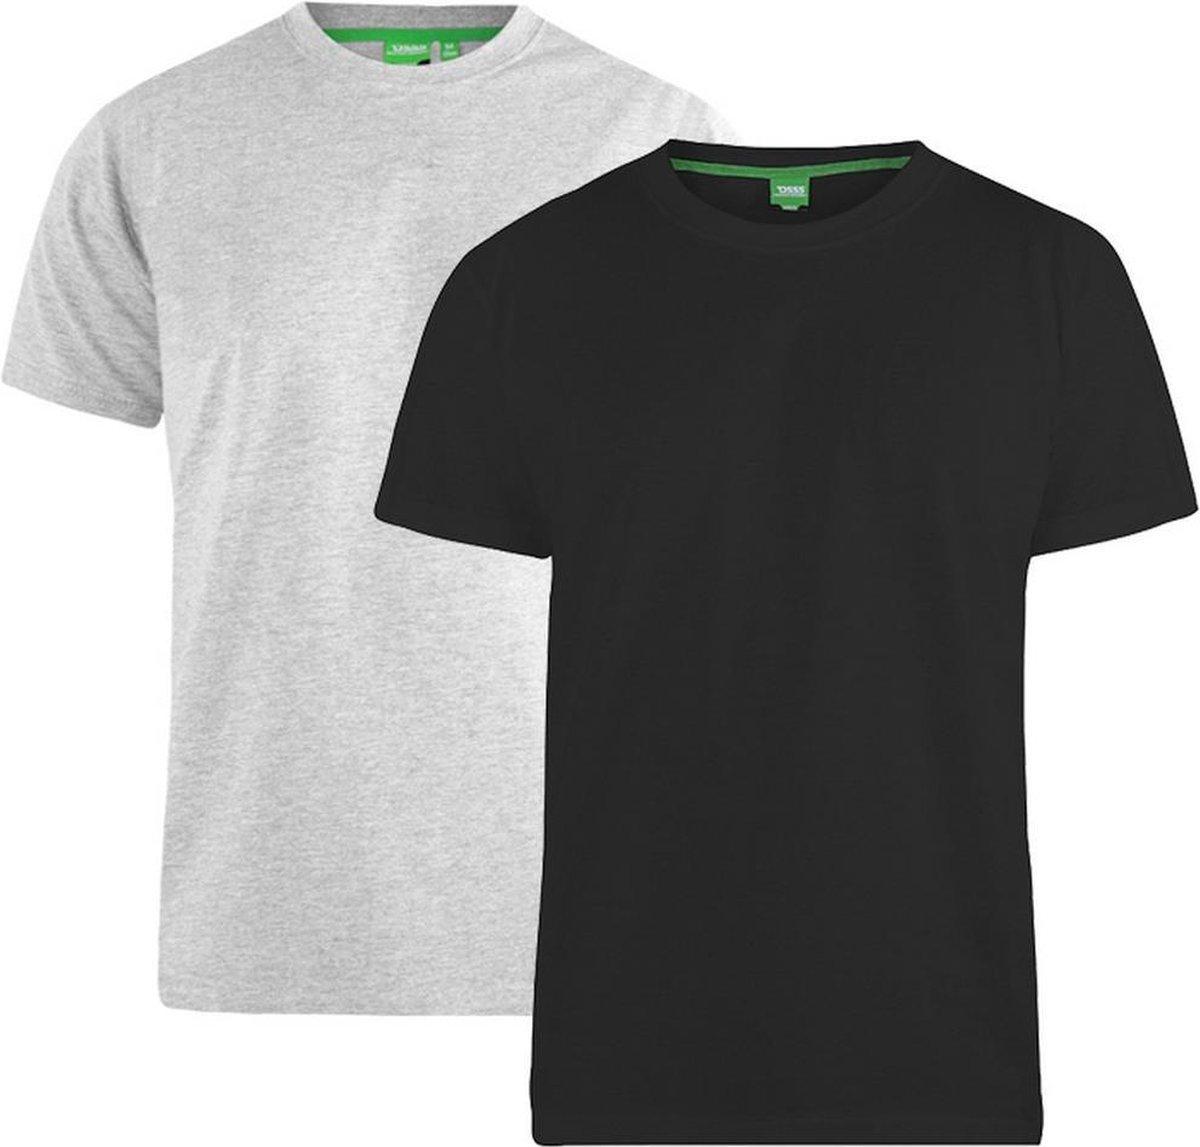 Duke Heren Fenton D555 Ronde Hals T-shirts (Verpakking van 2 stuks) (Zwart/Grijs)